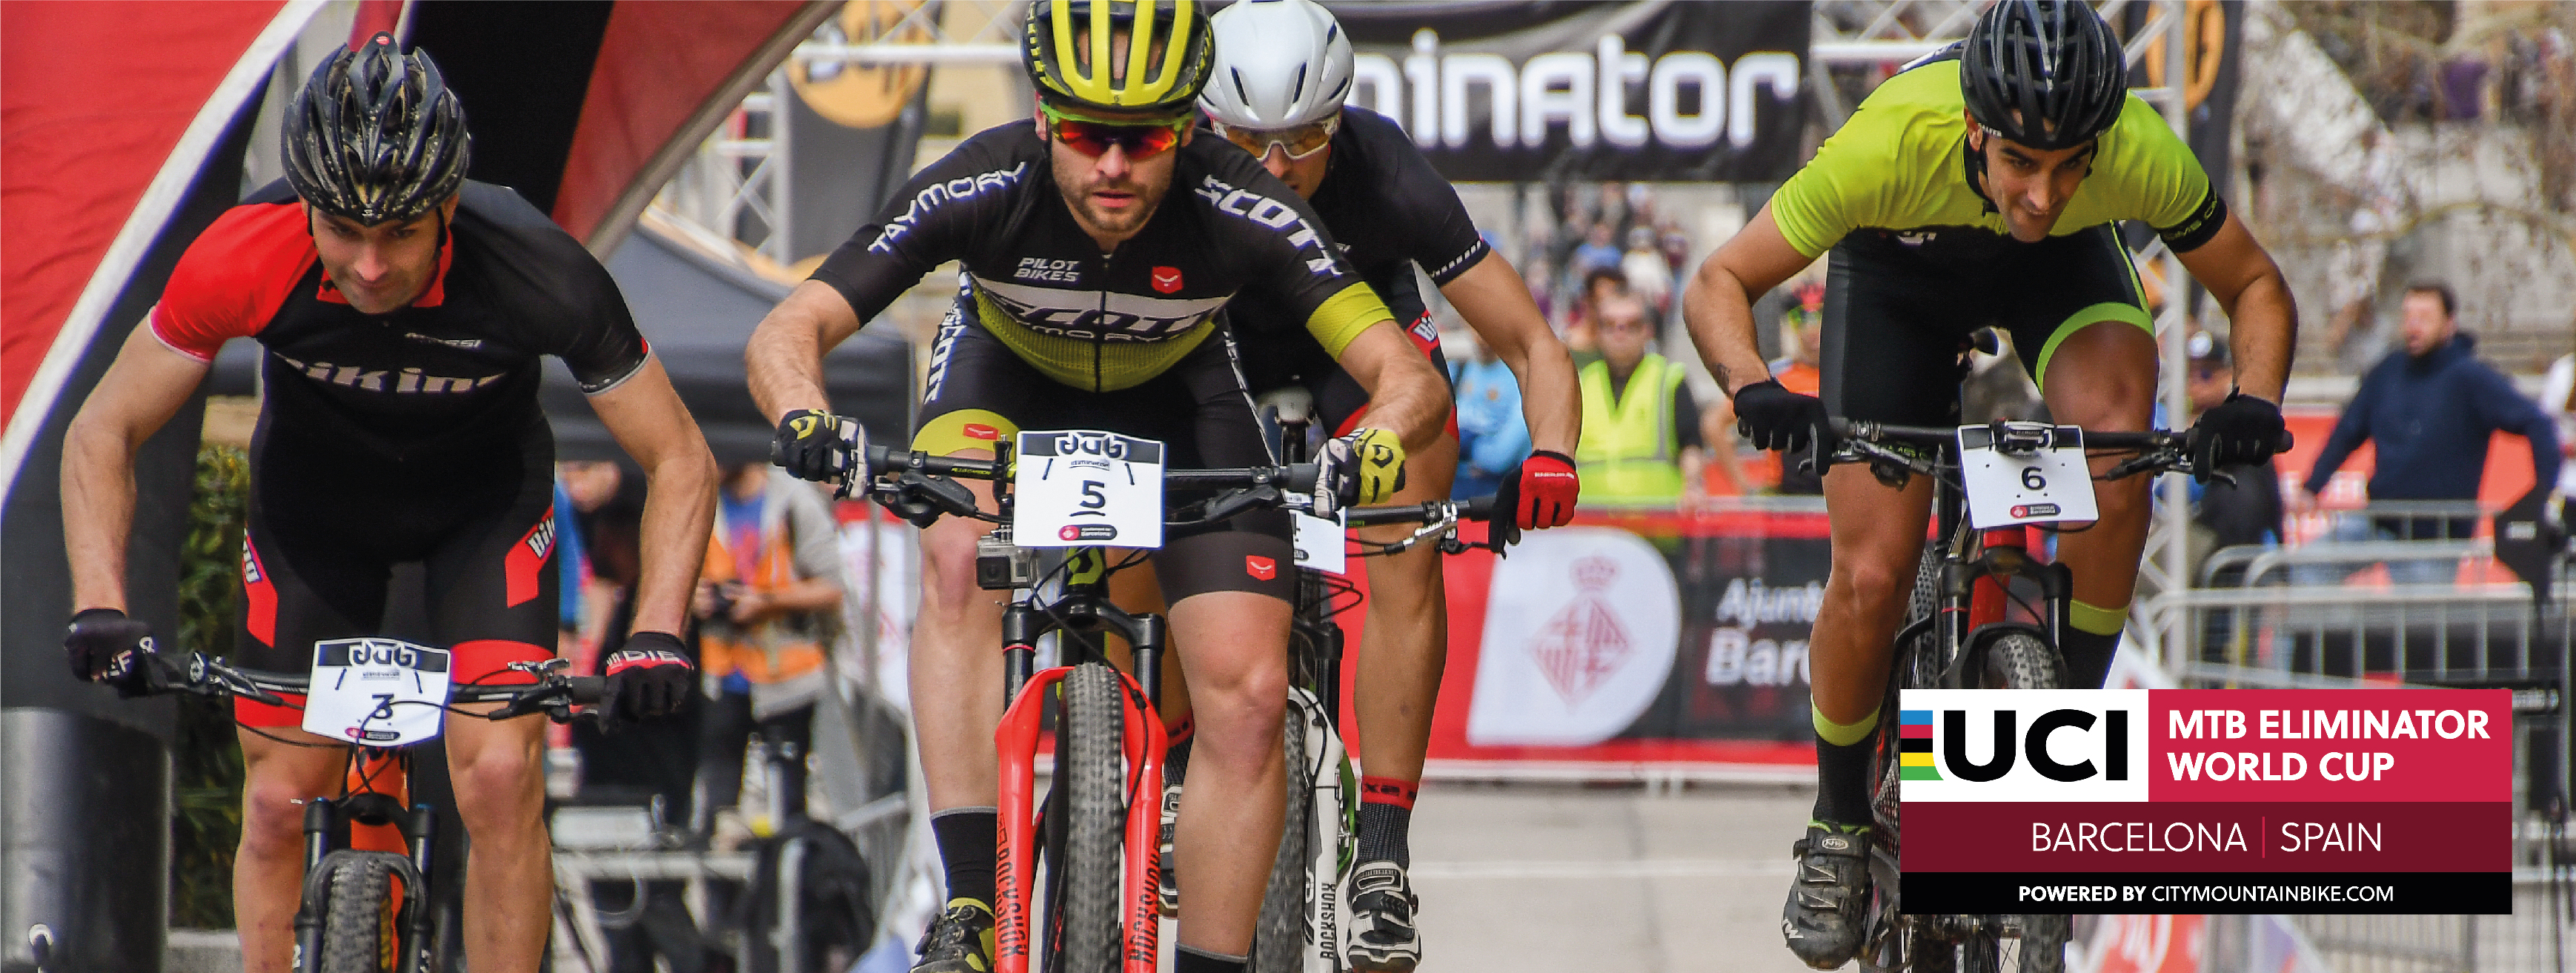 La UCI MTB Eliminator World Cup llega por primera vez a Barcelona en el marco de la Cycling Week Barcelona